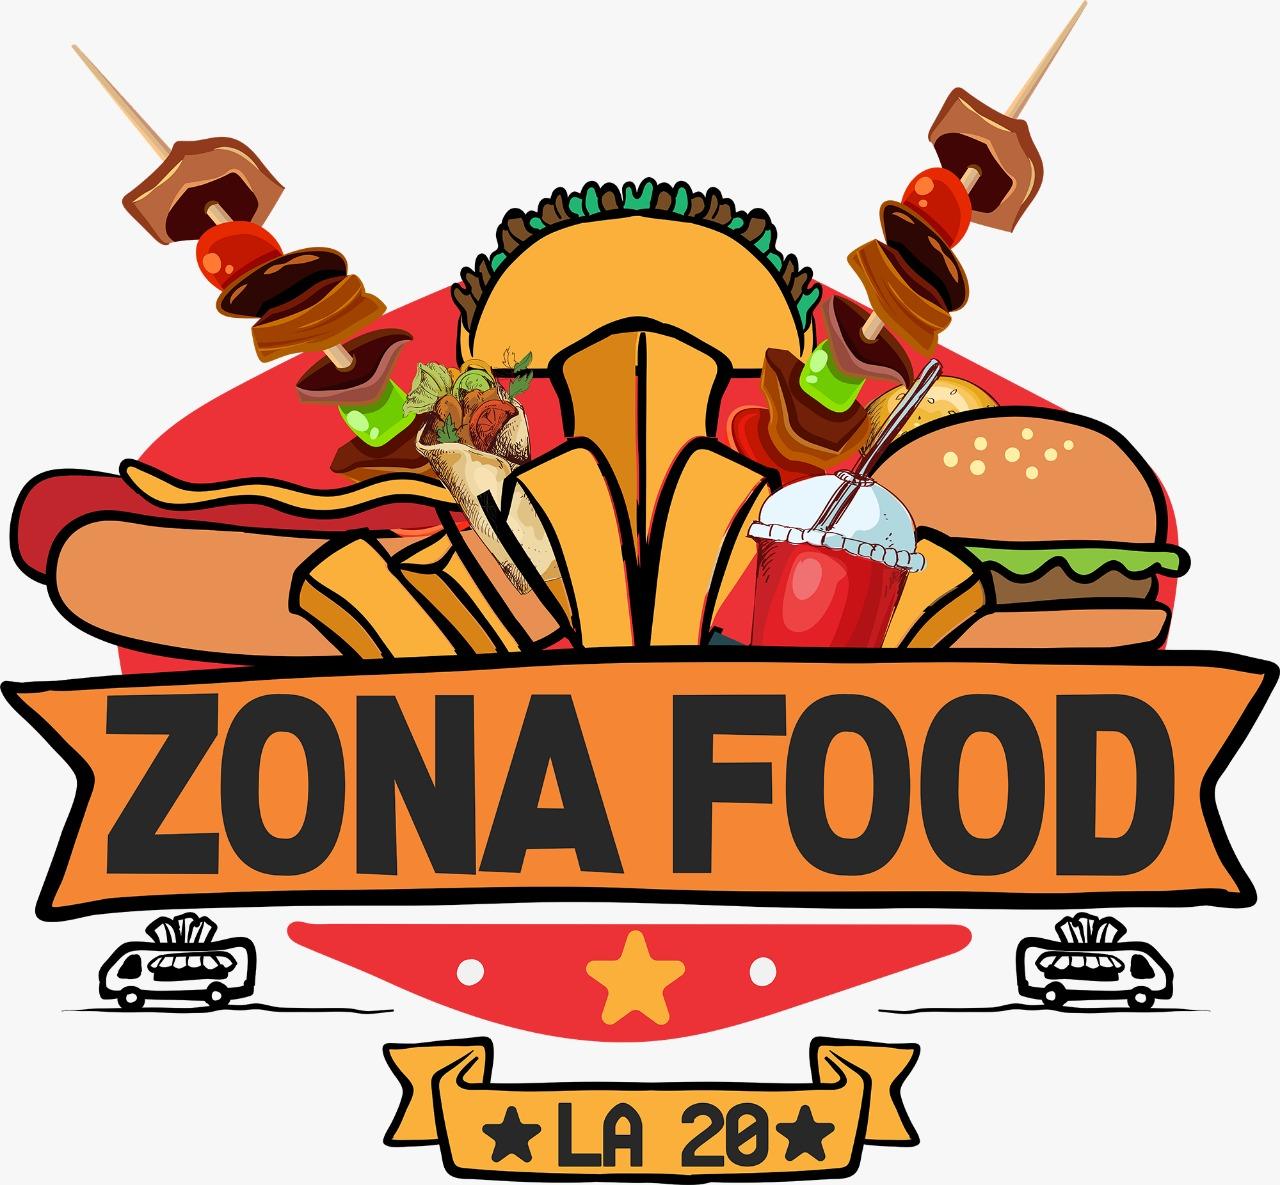 Zona Food